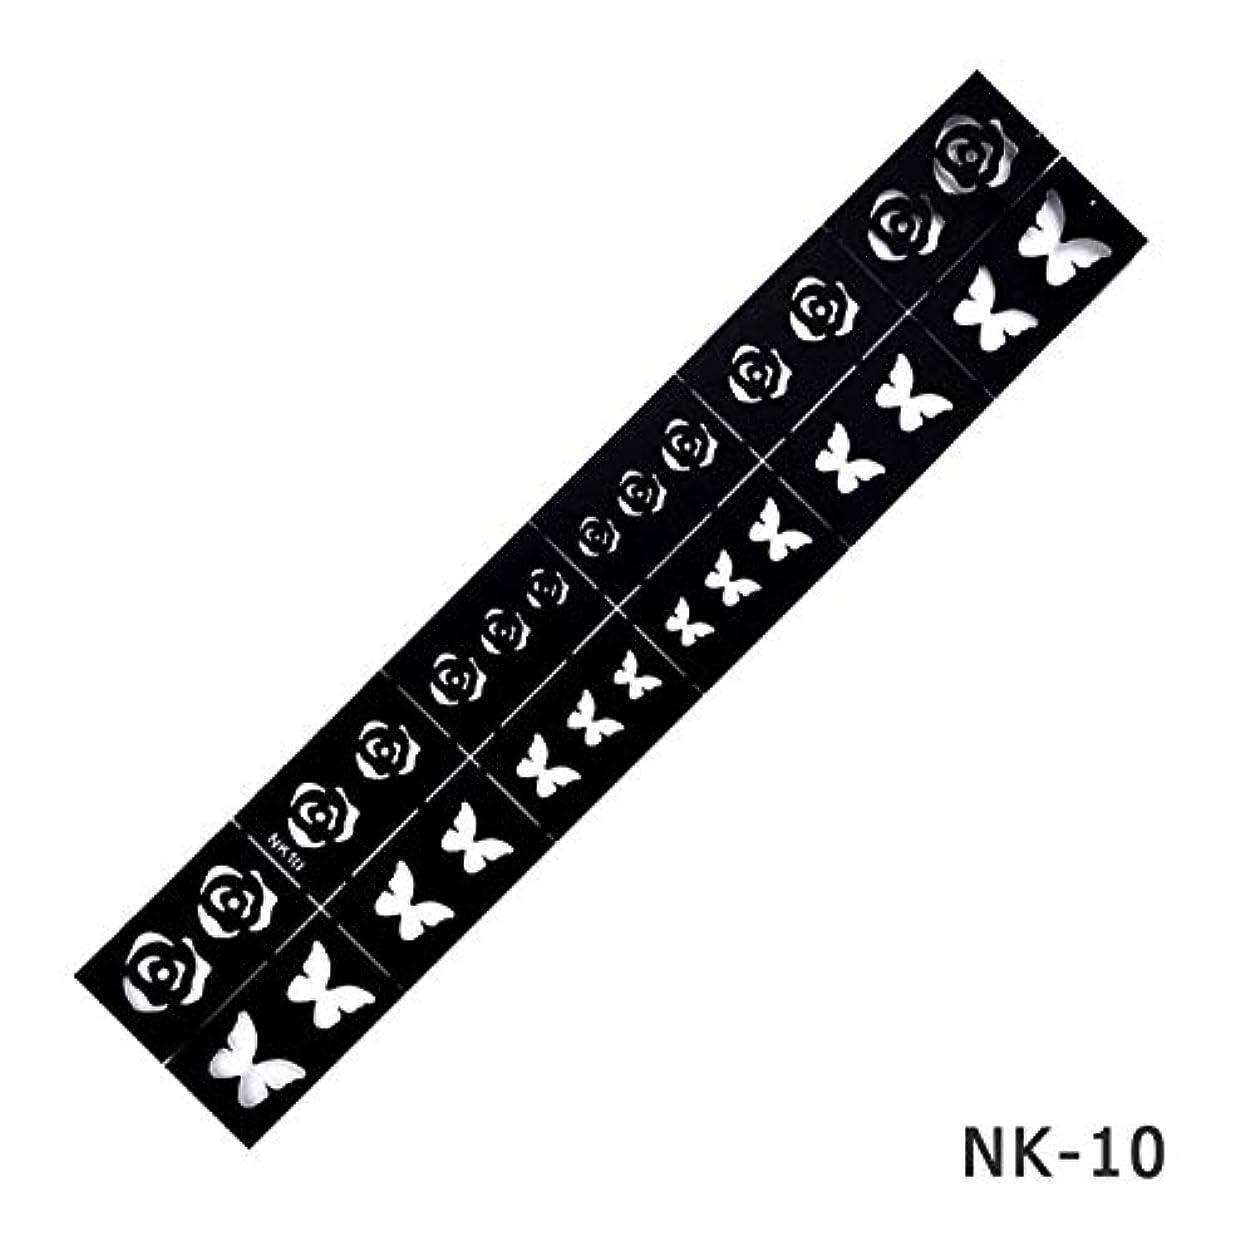 方向傘暗くするSUKTI&XIAO ネイルステッカー 1シートネイルアートのヒントガイド中空ステッカークリスタルネイルテンプレート3Dステンシルデカールフォームスタイリングツール、Nk10